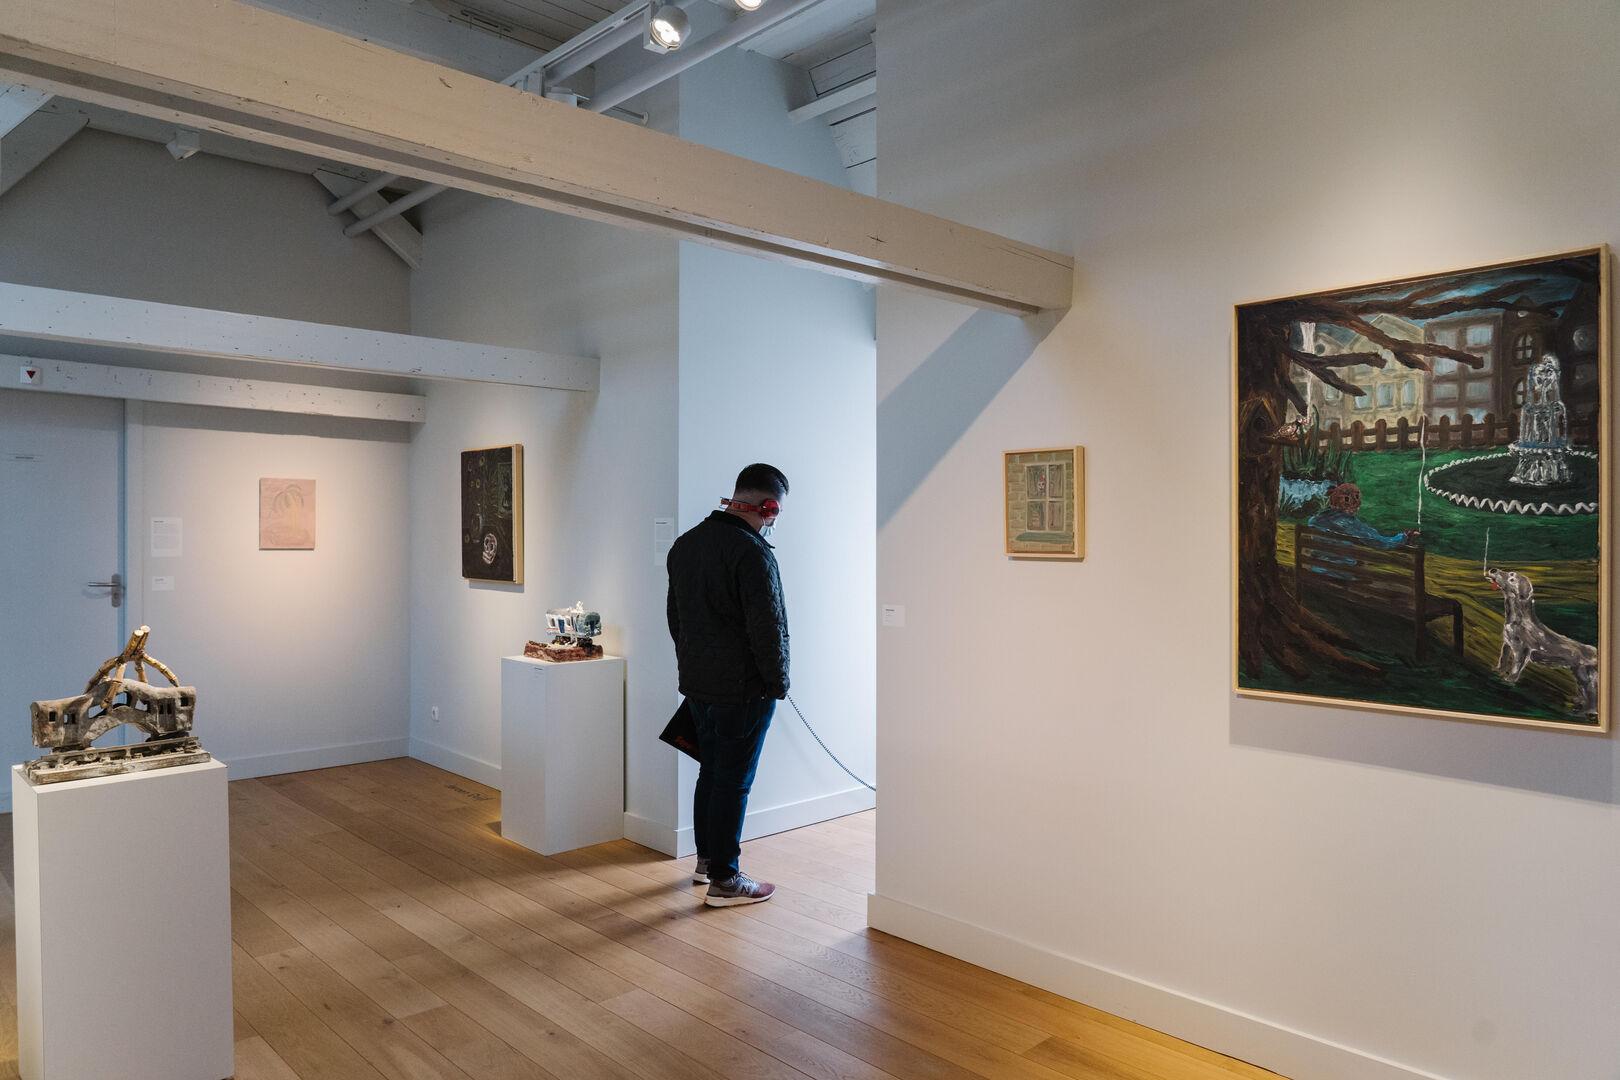 Museum Jan Cunen_opening_3oktober2020_Fotograaf_Almicheal_Fraay-39